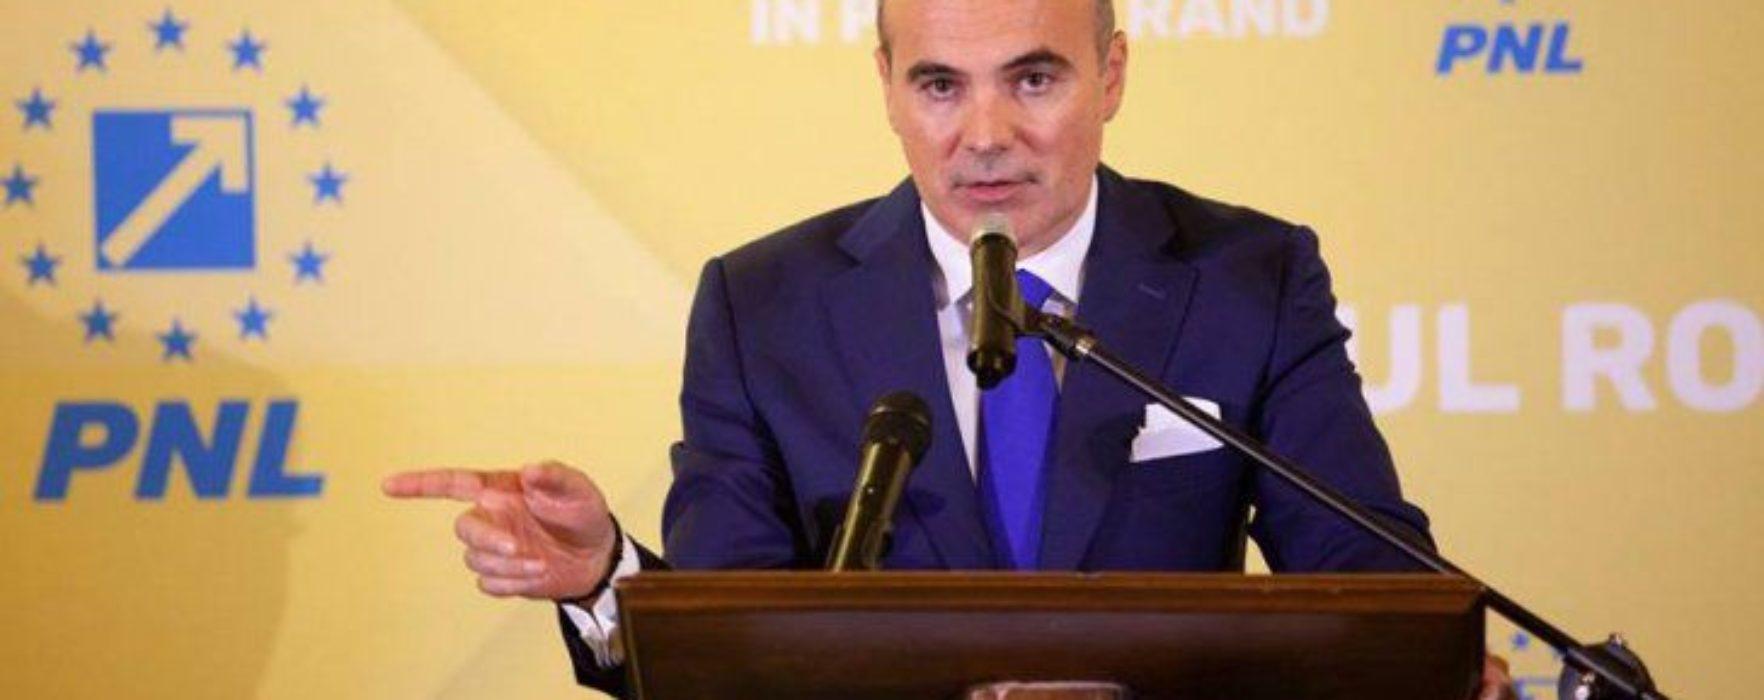 Eveniment de lansare a candidaţilor PNL la europarlamentare, la Târgovişte